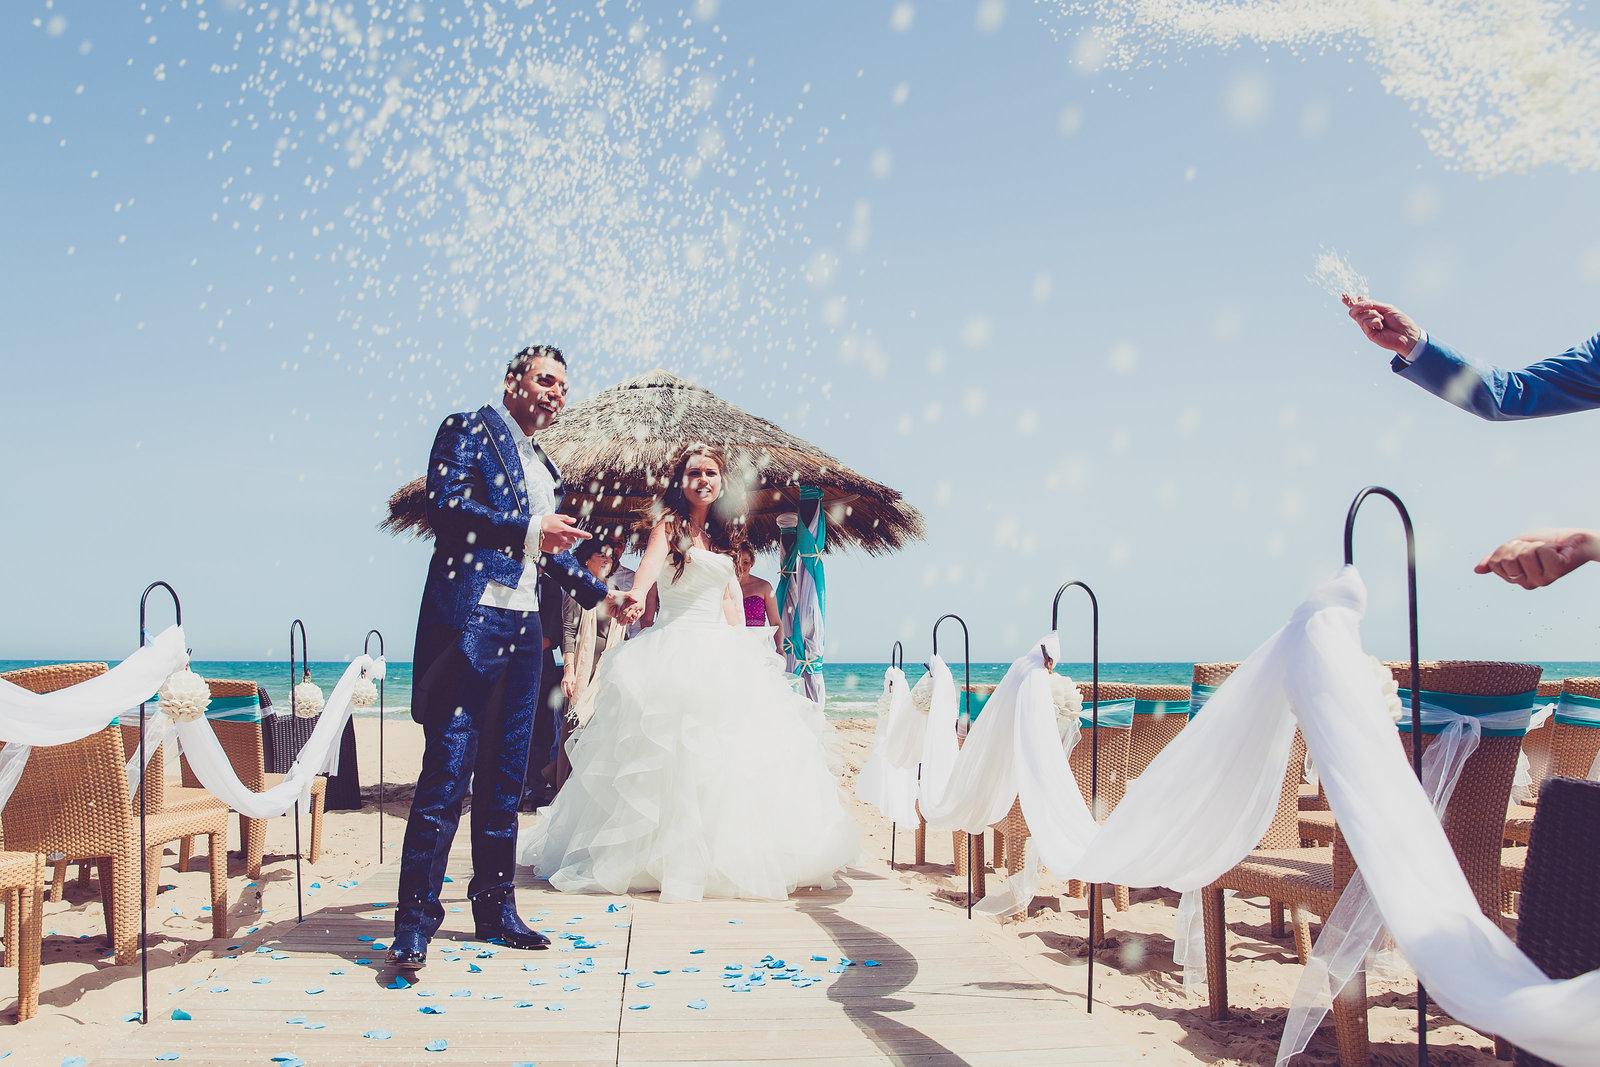 Bruidspaar krijgt een regen van rijst op hun bruiloft in Italie. Copyright Nanda Zee-Fritse | FOTOZEE